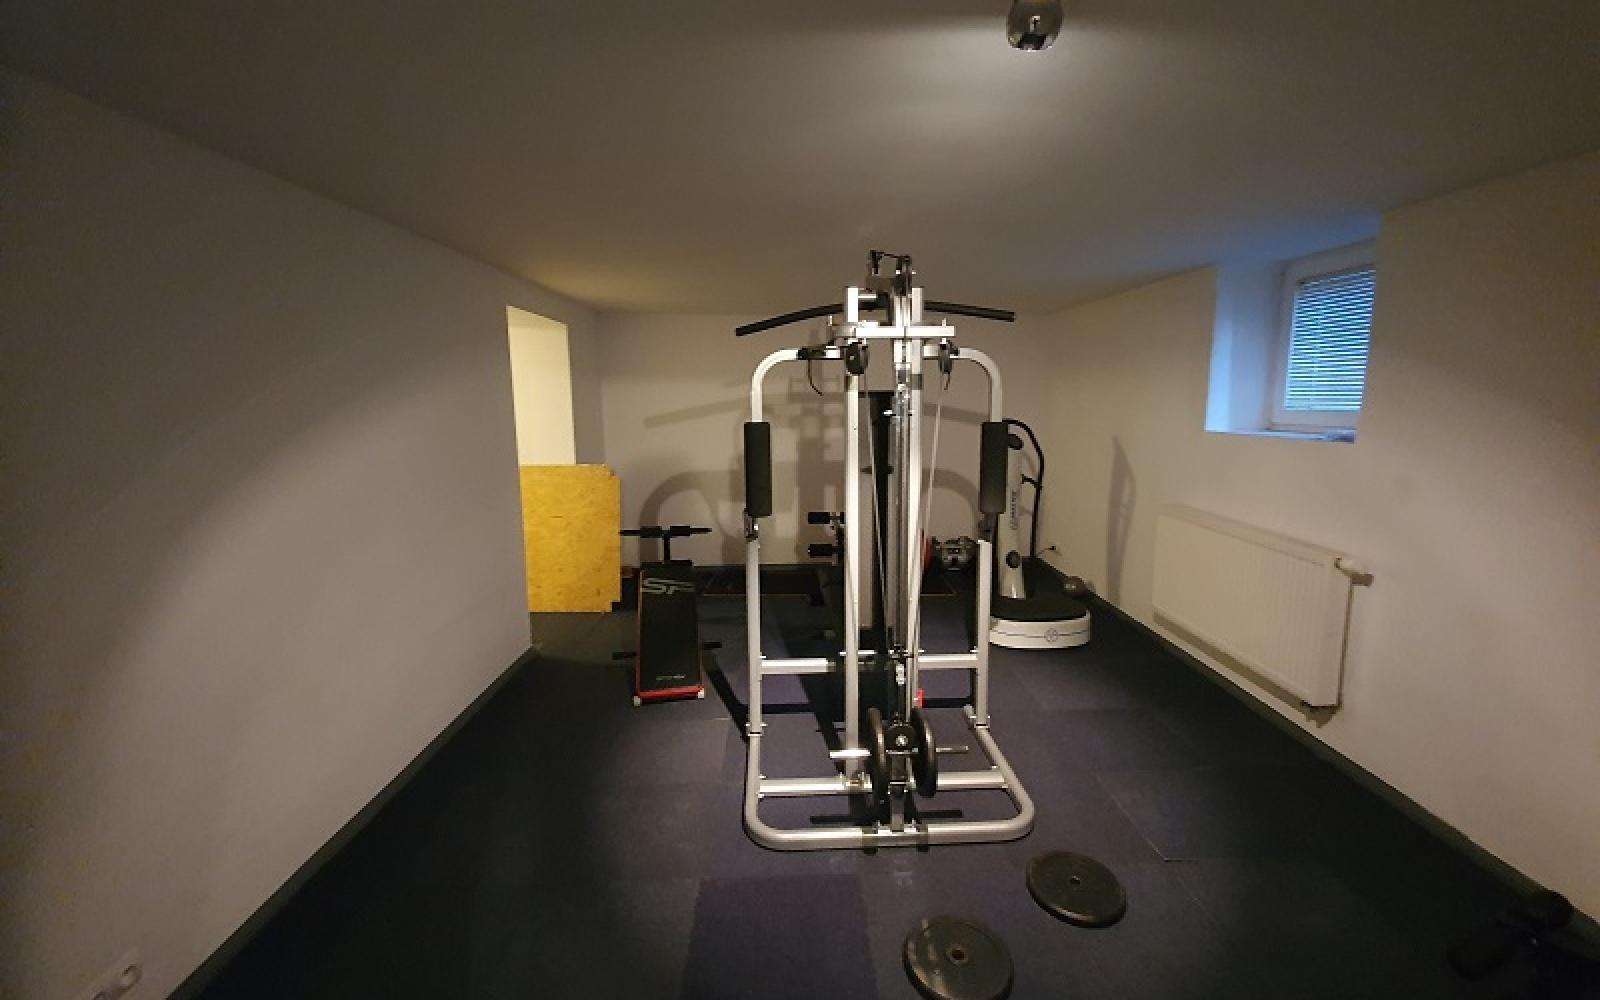 4 Bedrooms Bedrooms, 6 Rooms Rooms,2 BathroomsBathrooms,Domy,Sprzedaż,1058